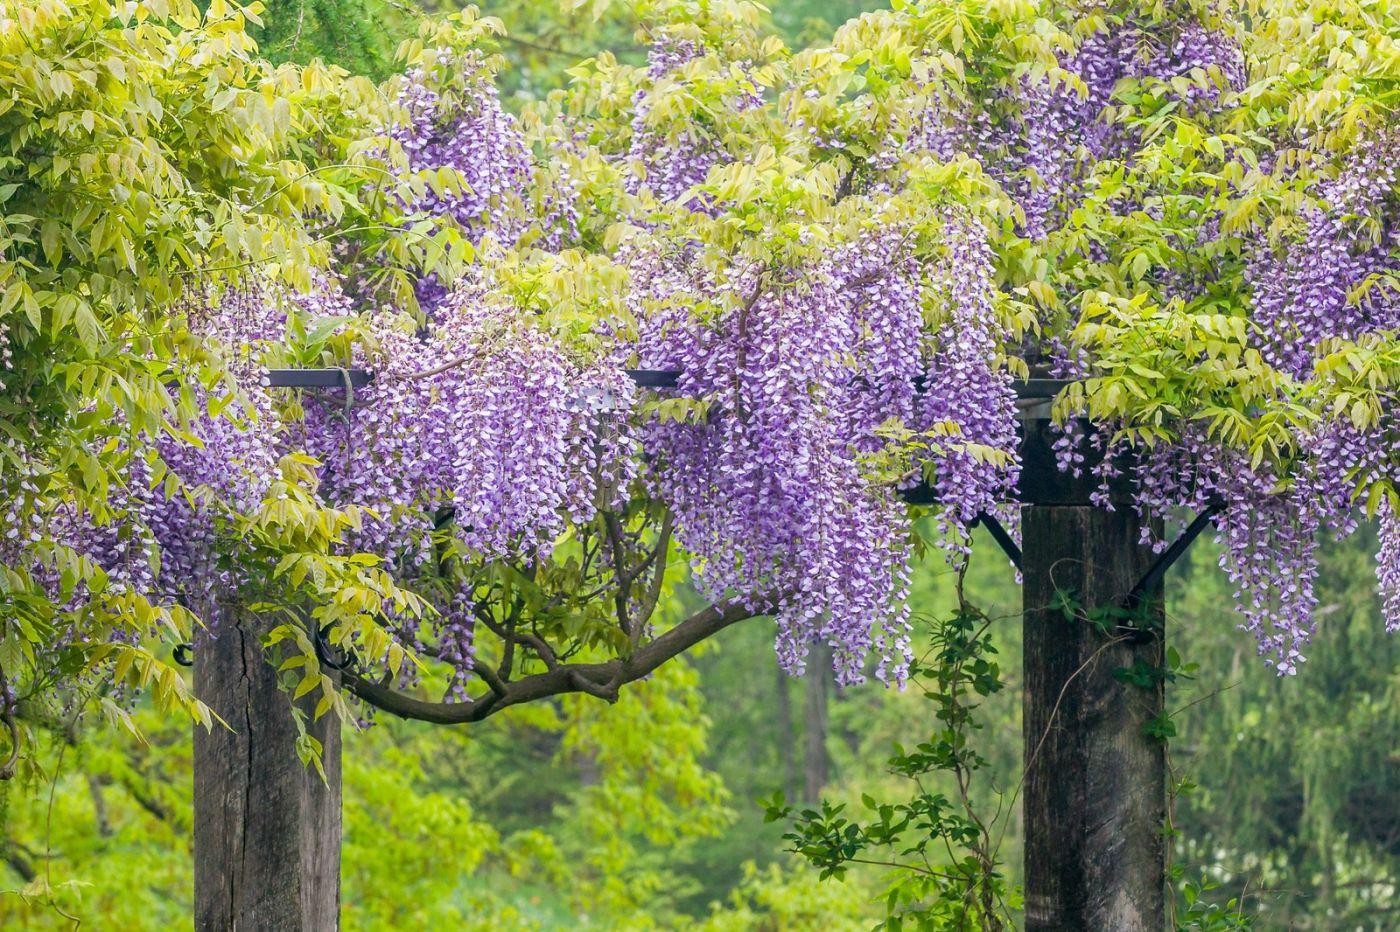 紫藤花相遇在春天_图1-13